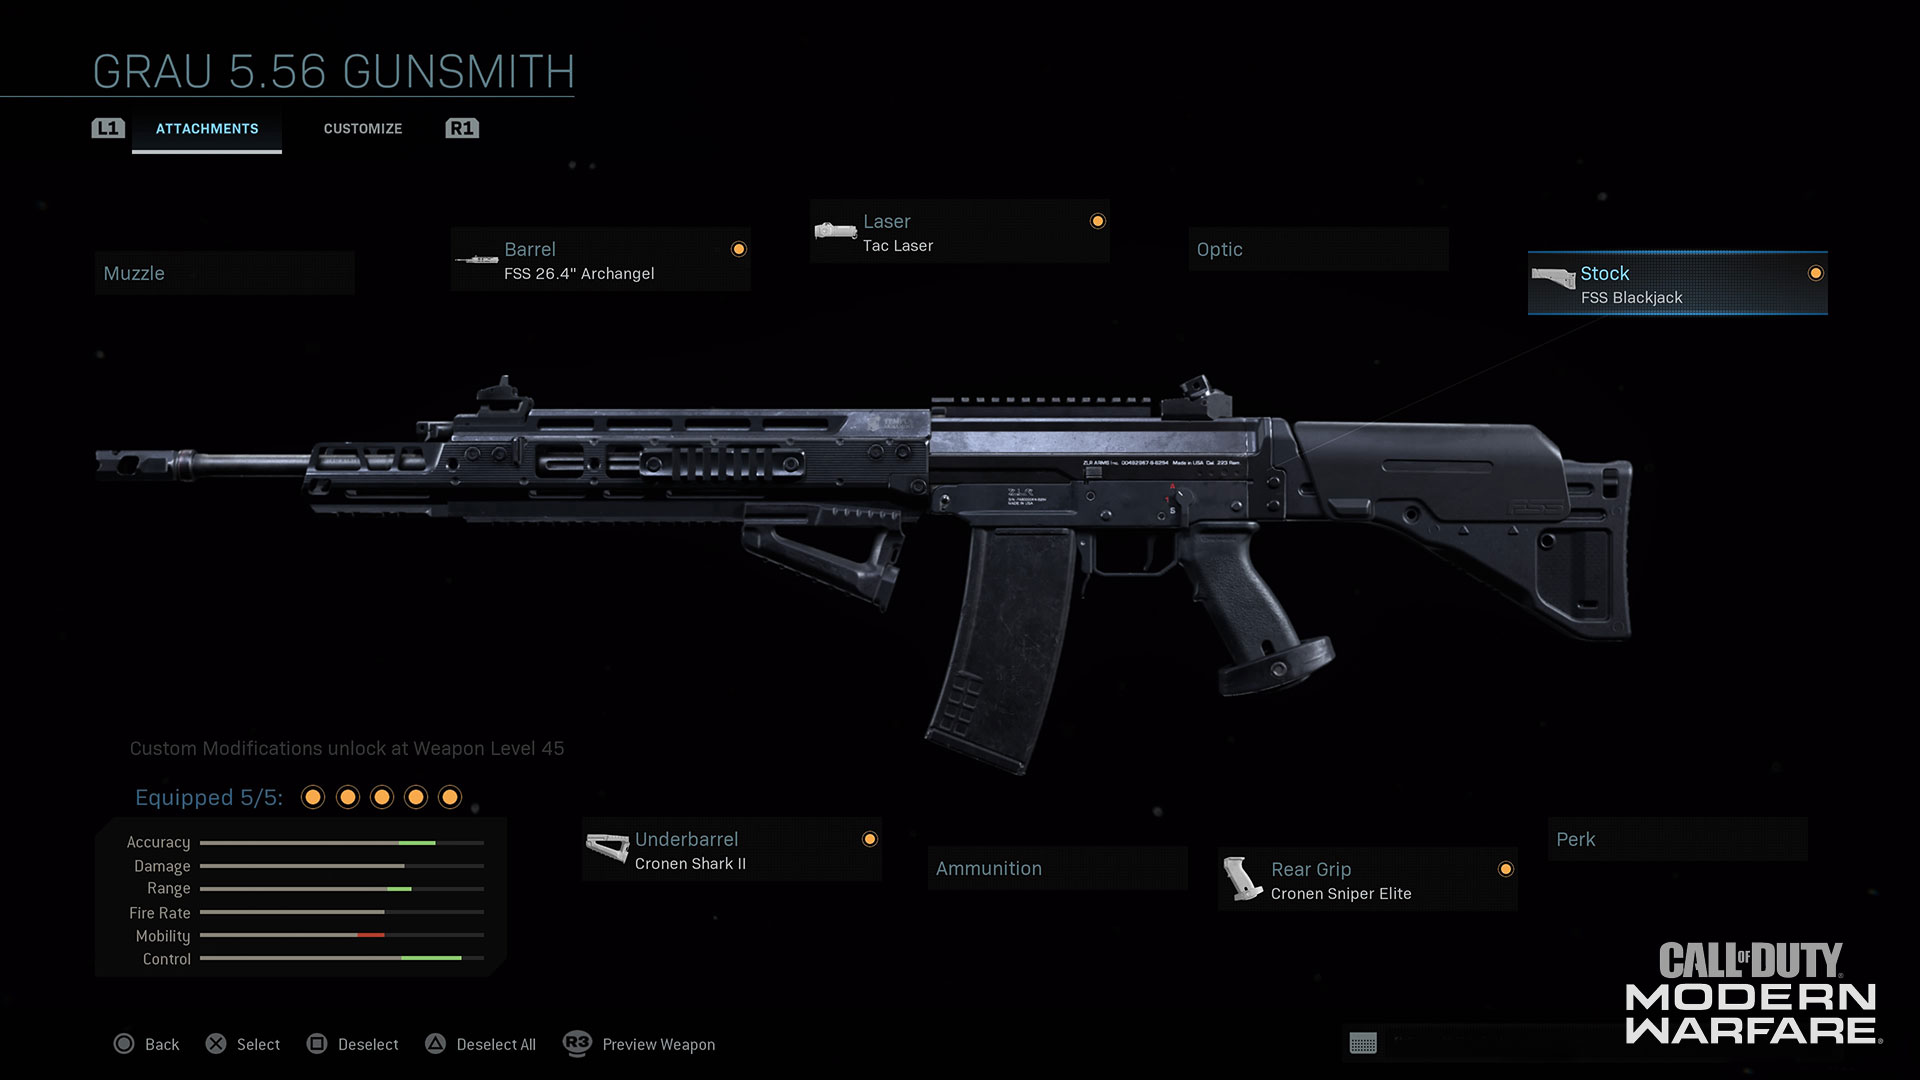 Modern Warfare® Weapon Detail: Grau 5.56 - Image 4